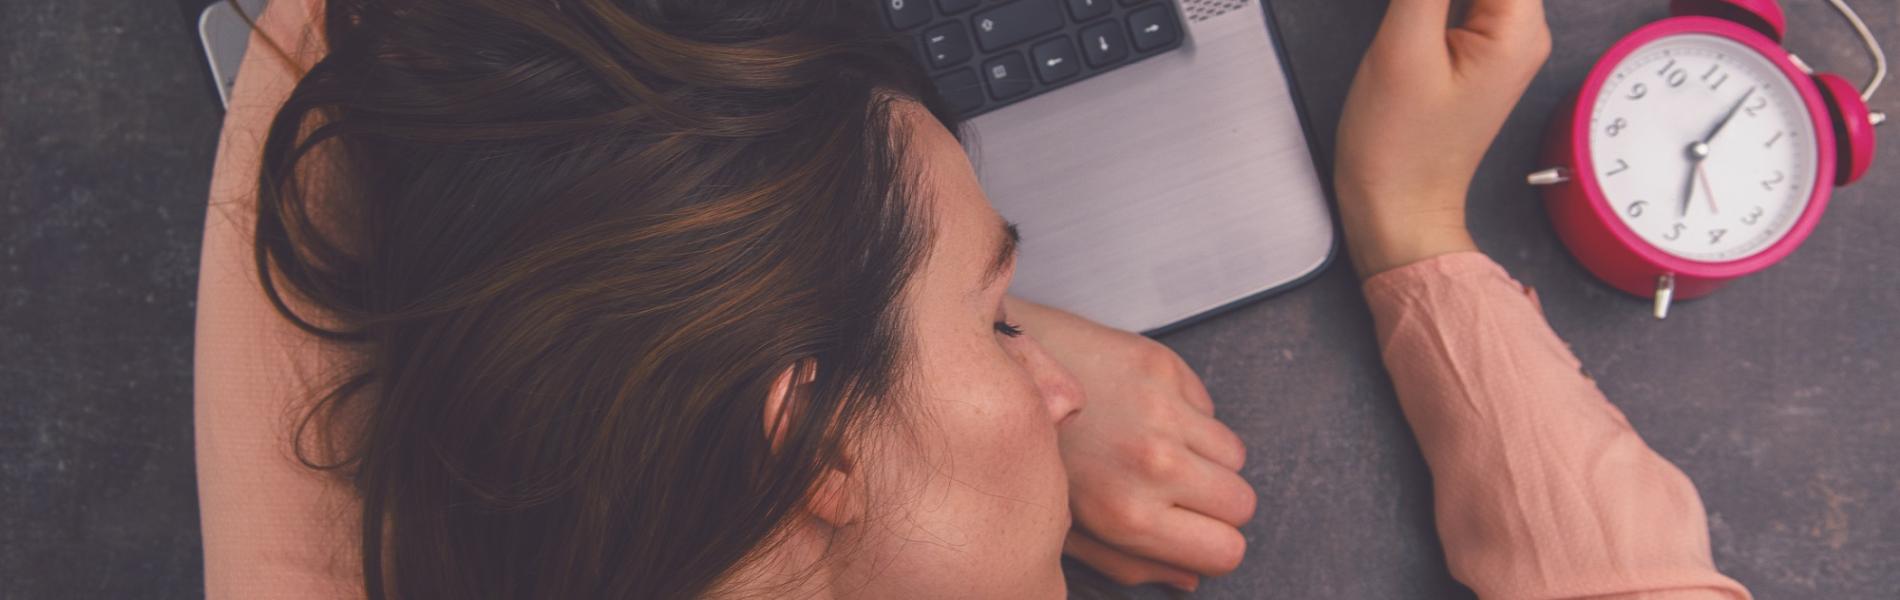 9 השפעות הרסניות של חוסר בשינה ואיך להימנע מהן